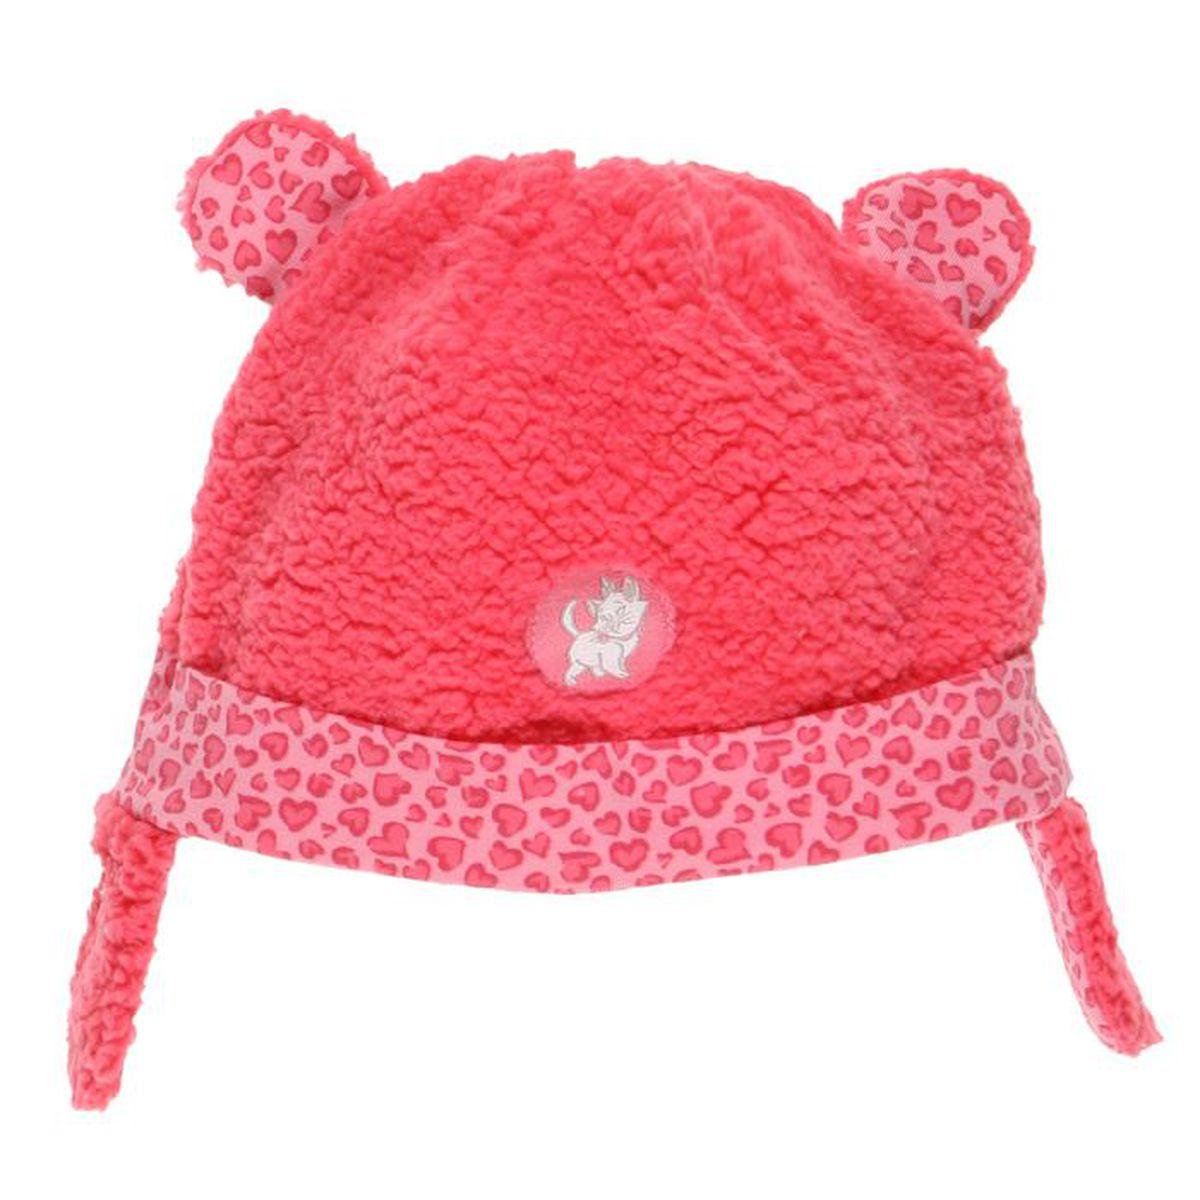 010cbb849b36b MARIE DES ARISTOCHATS Bonnet Bébé Fille Rose - Achat / Vente bonnet ...